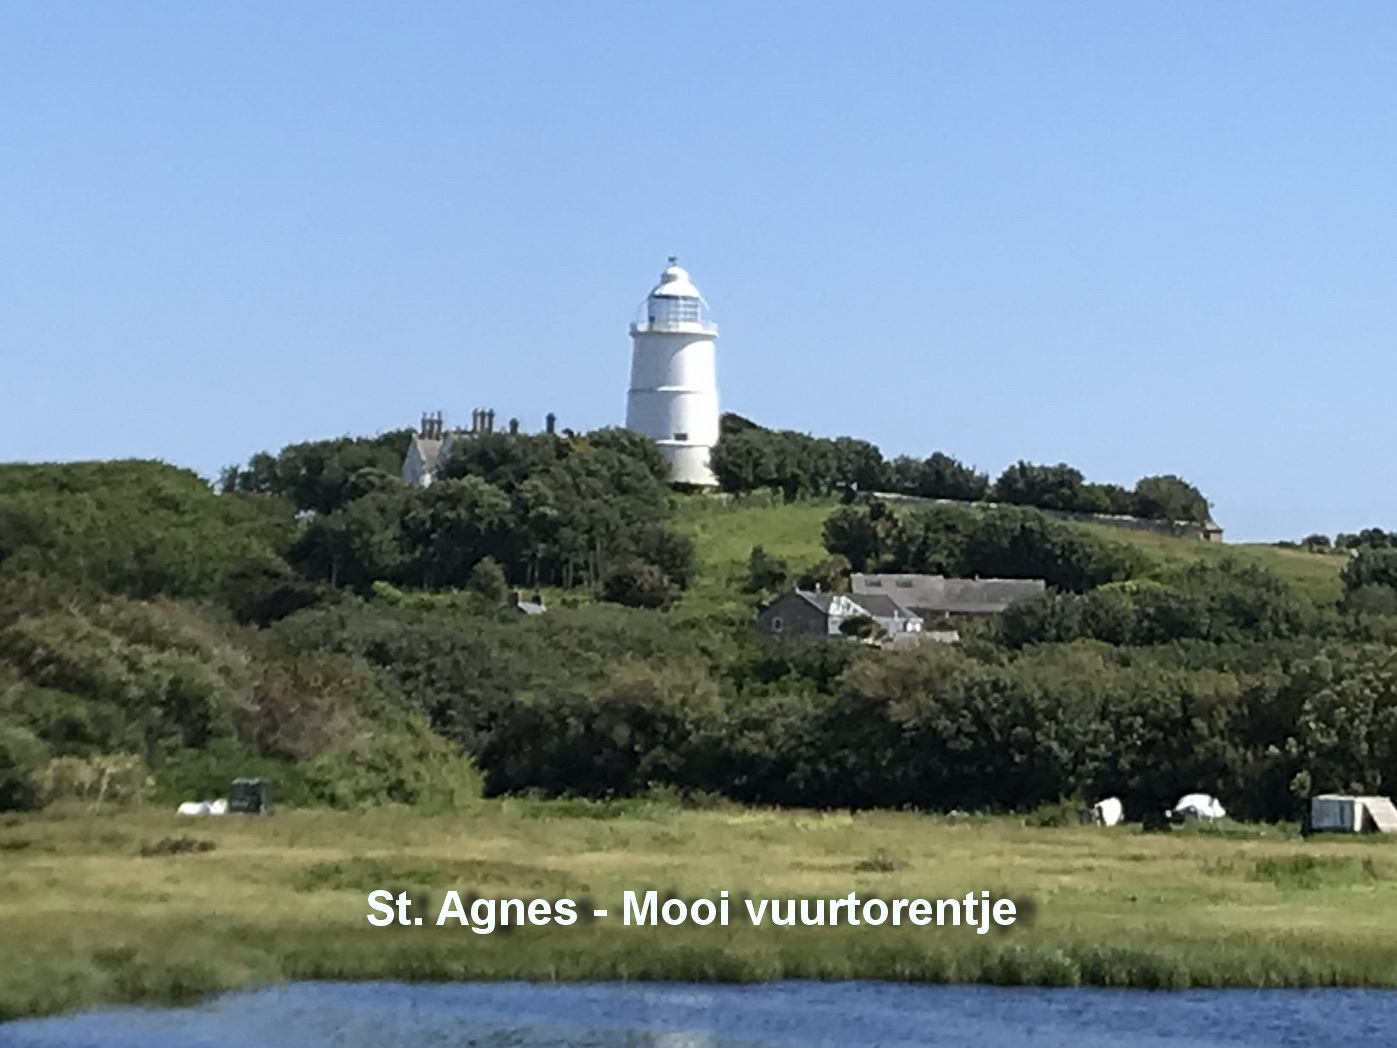 St.Agnes - Mooi vuurtorentje